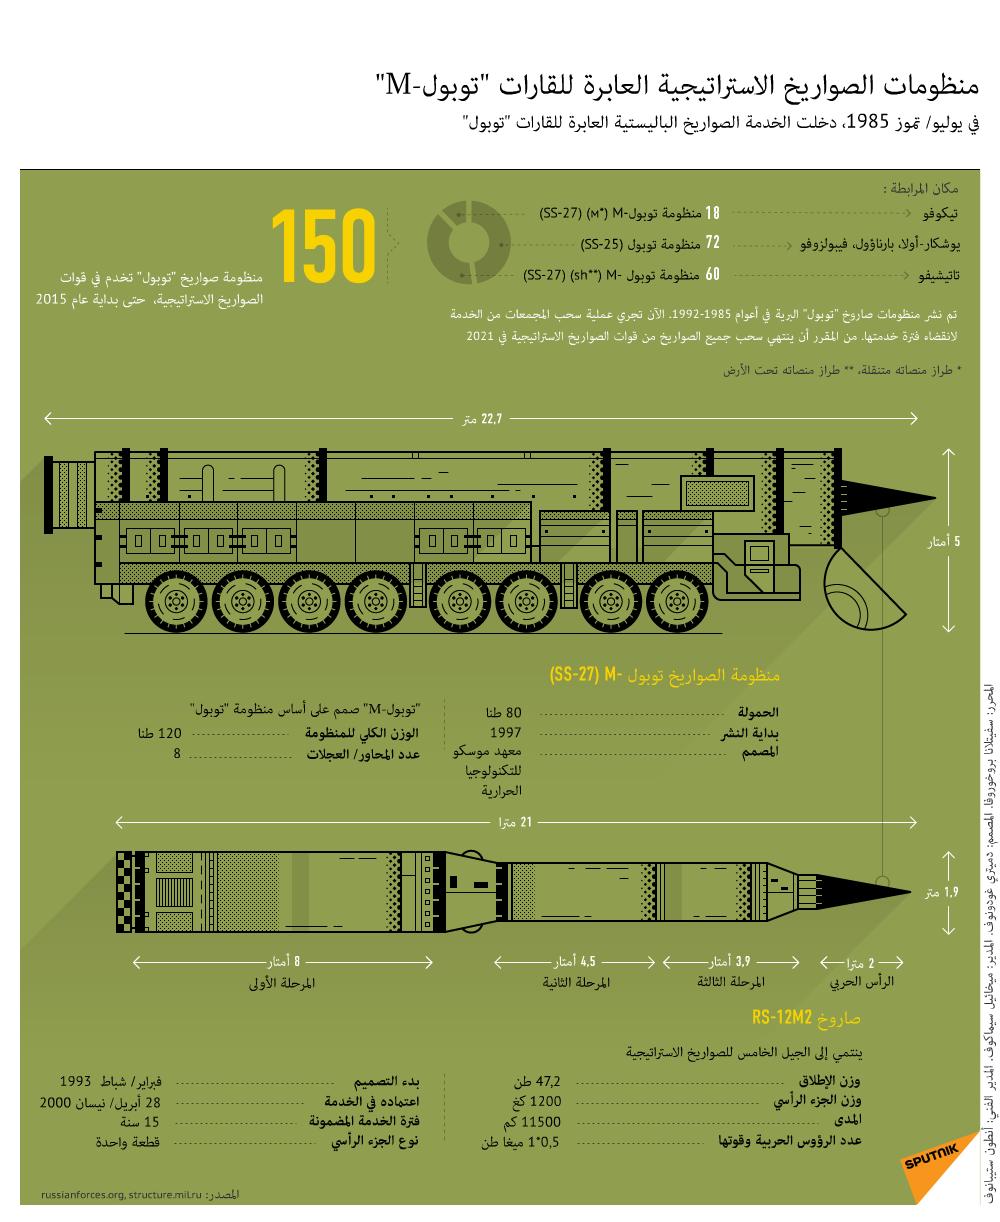 منظومات الصواريخ الاستراتيجية العابرة للقارات توبول-M